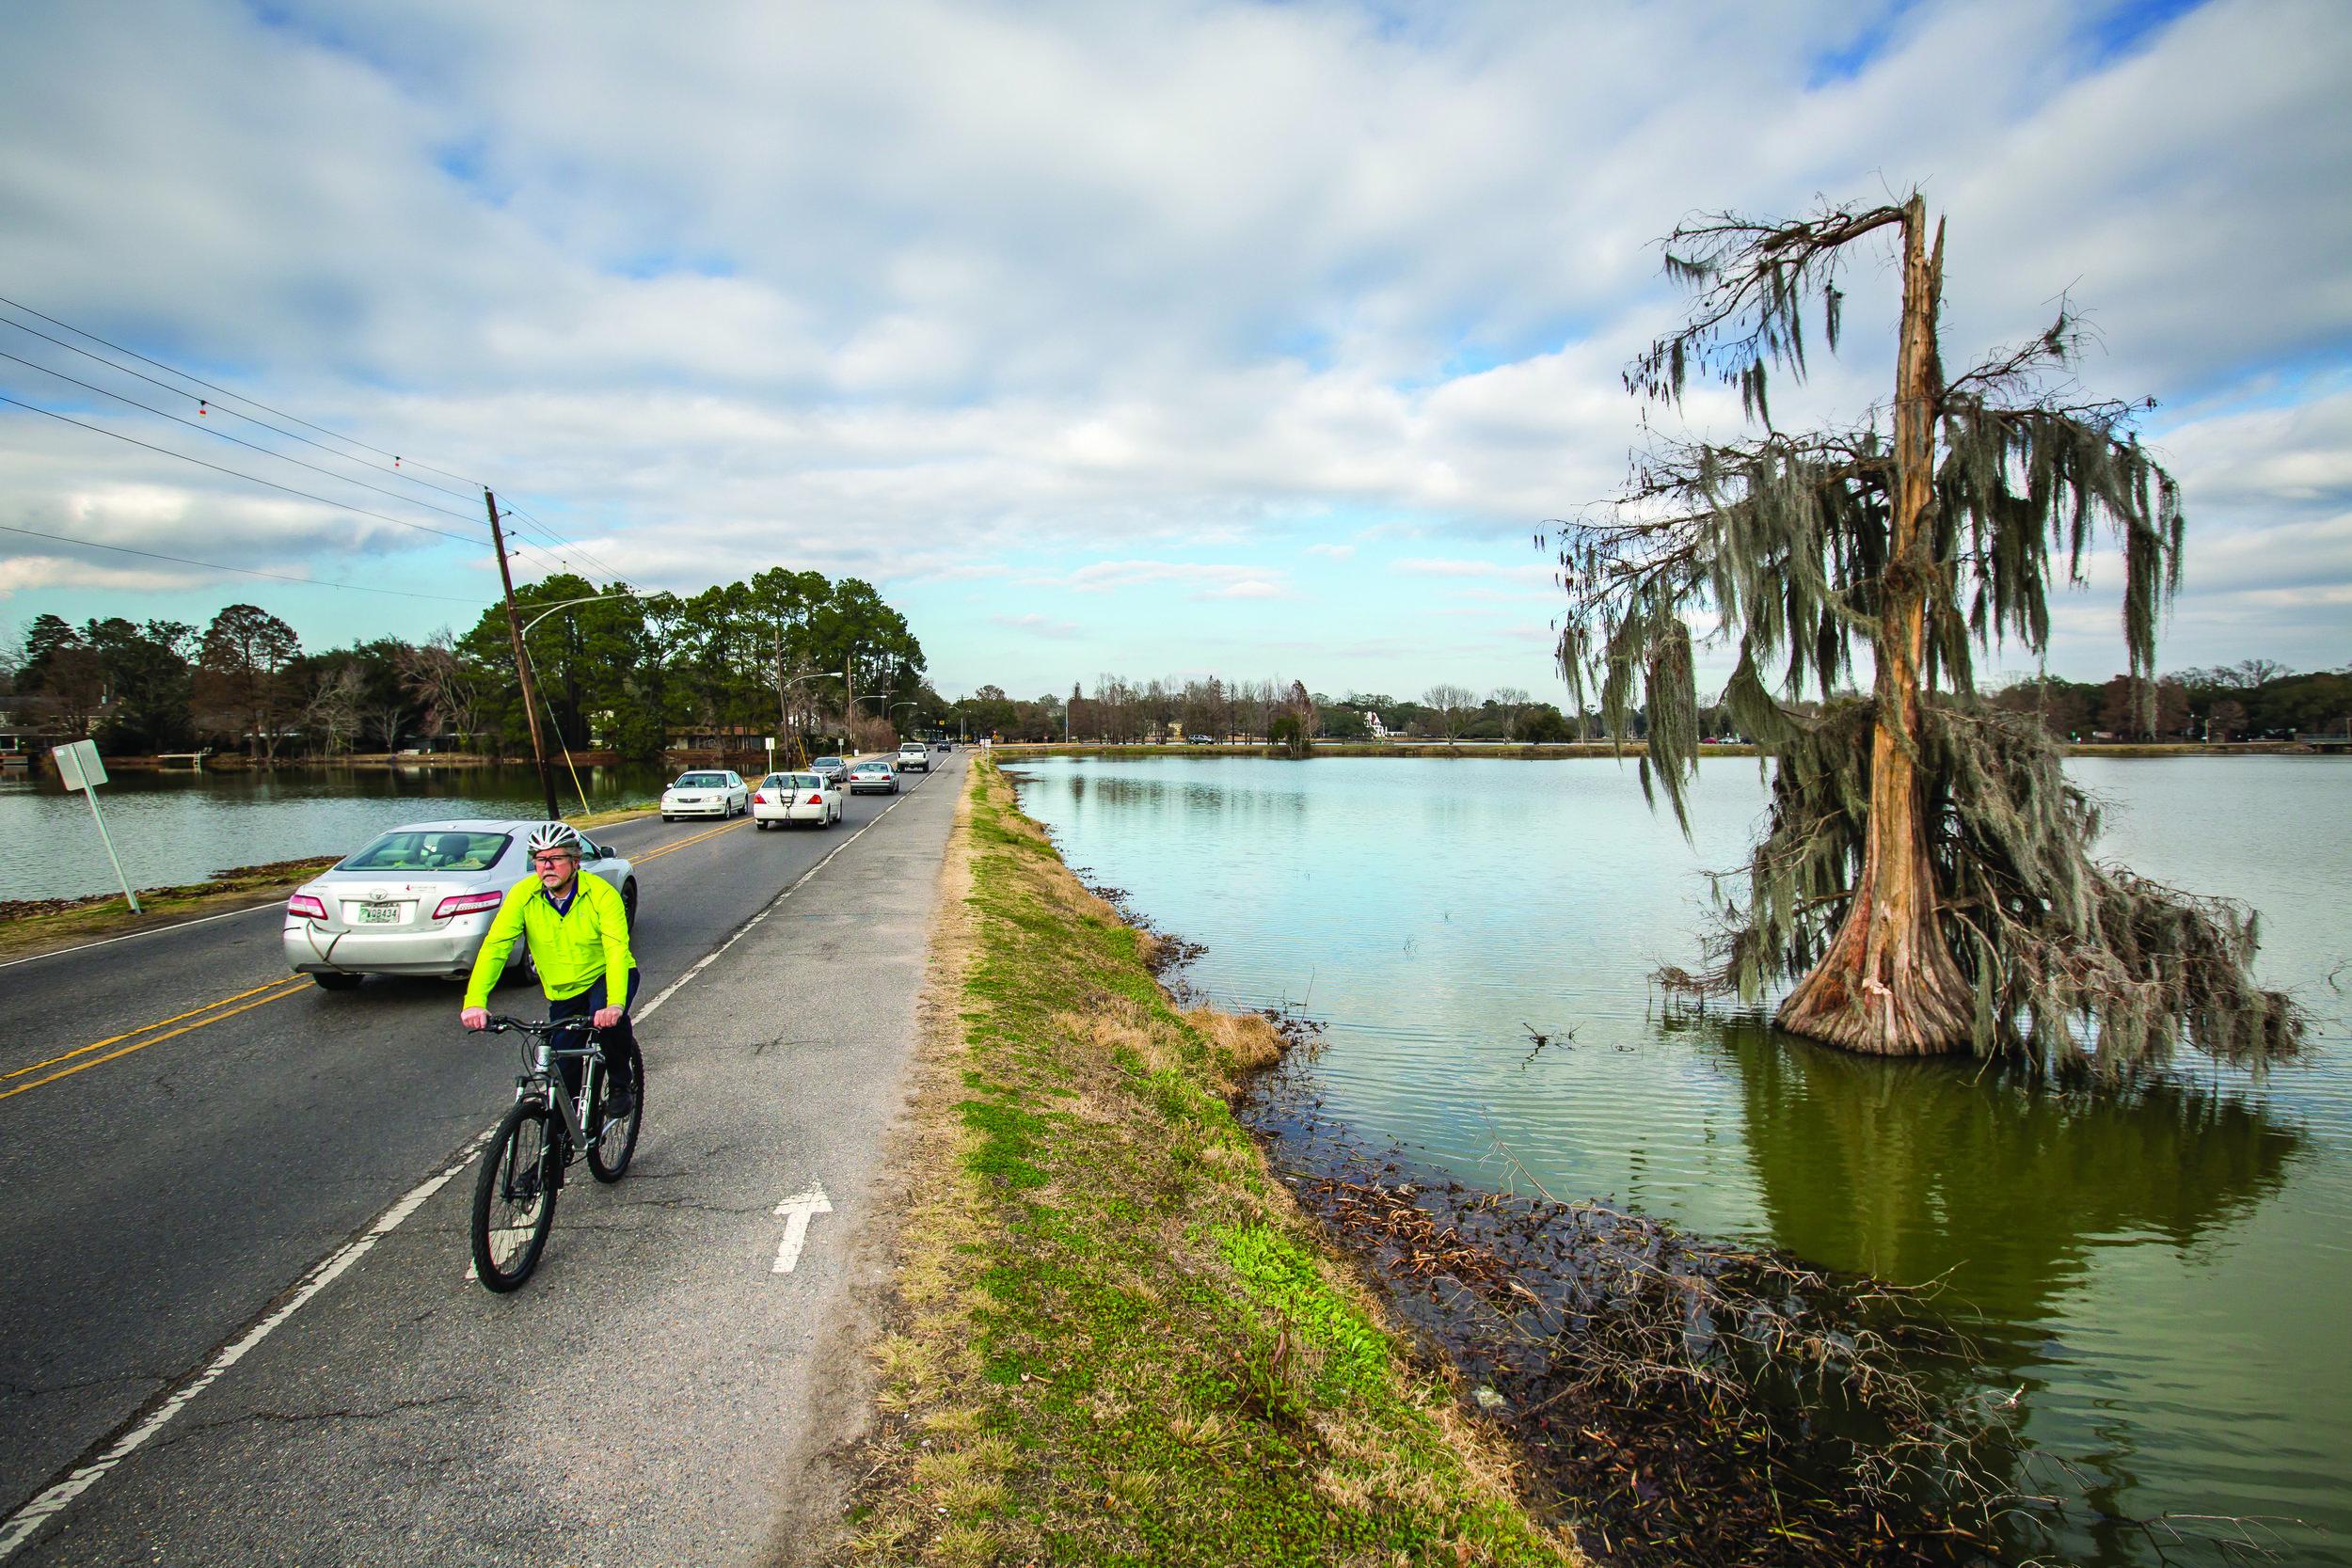 biker-lake.jpg